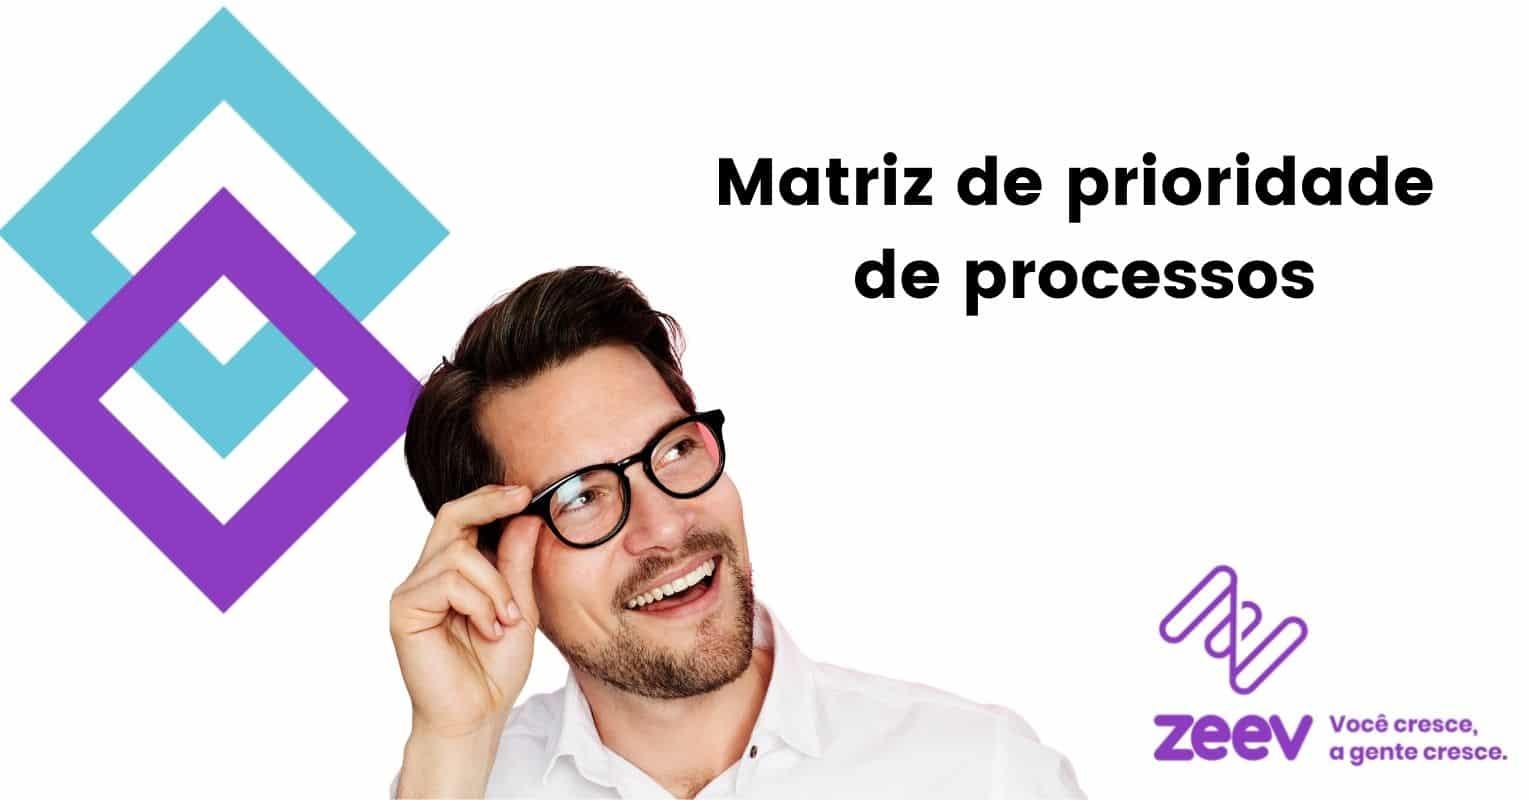 [Banner] Matriz de prioridade de processos